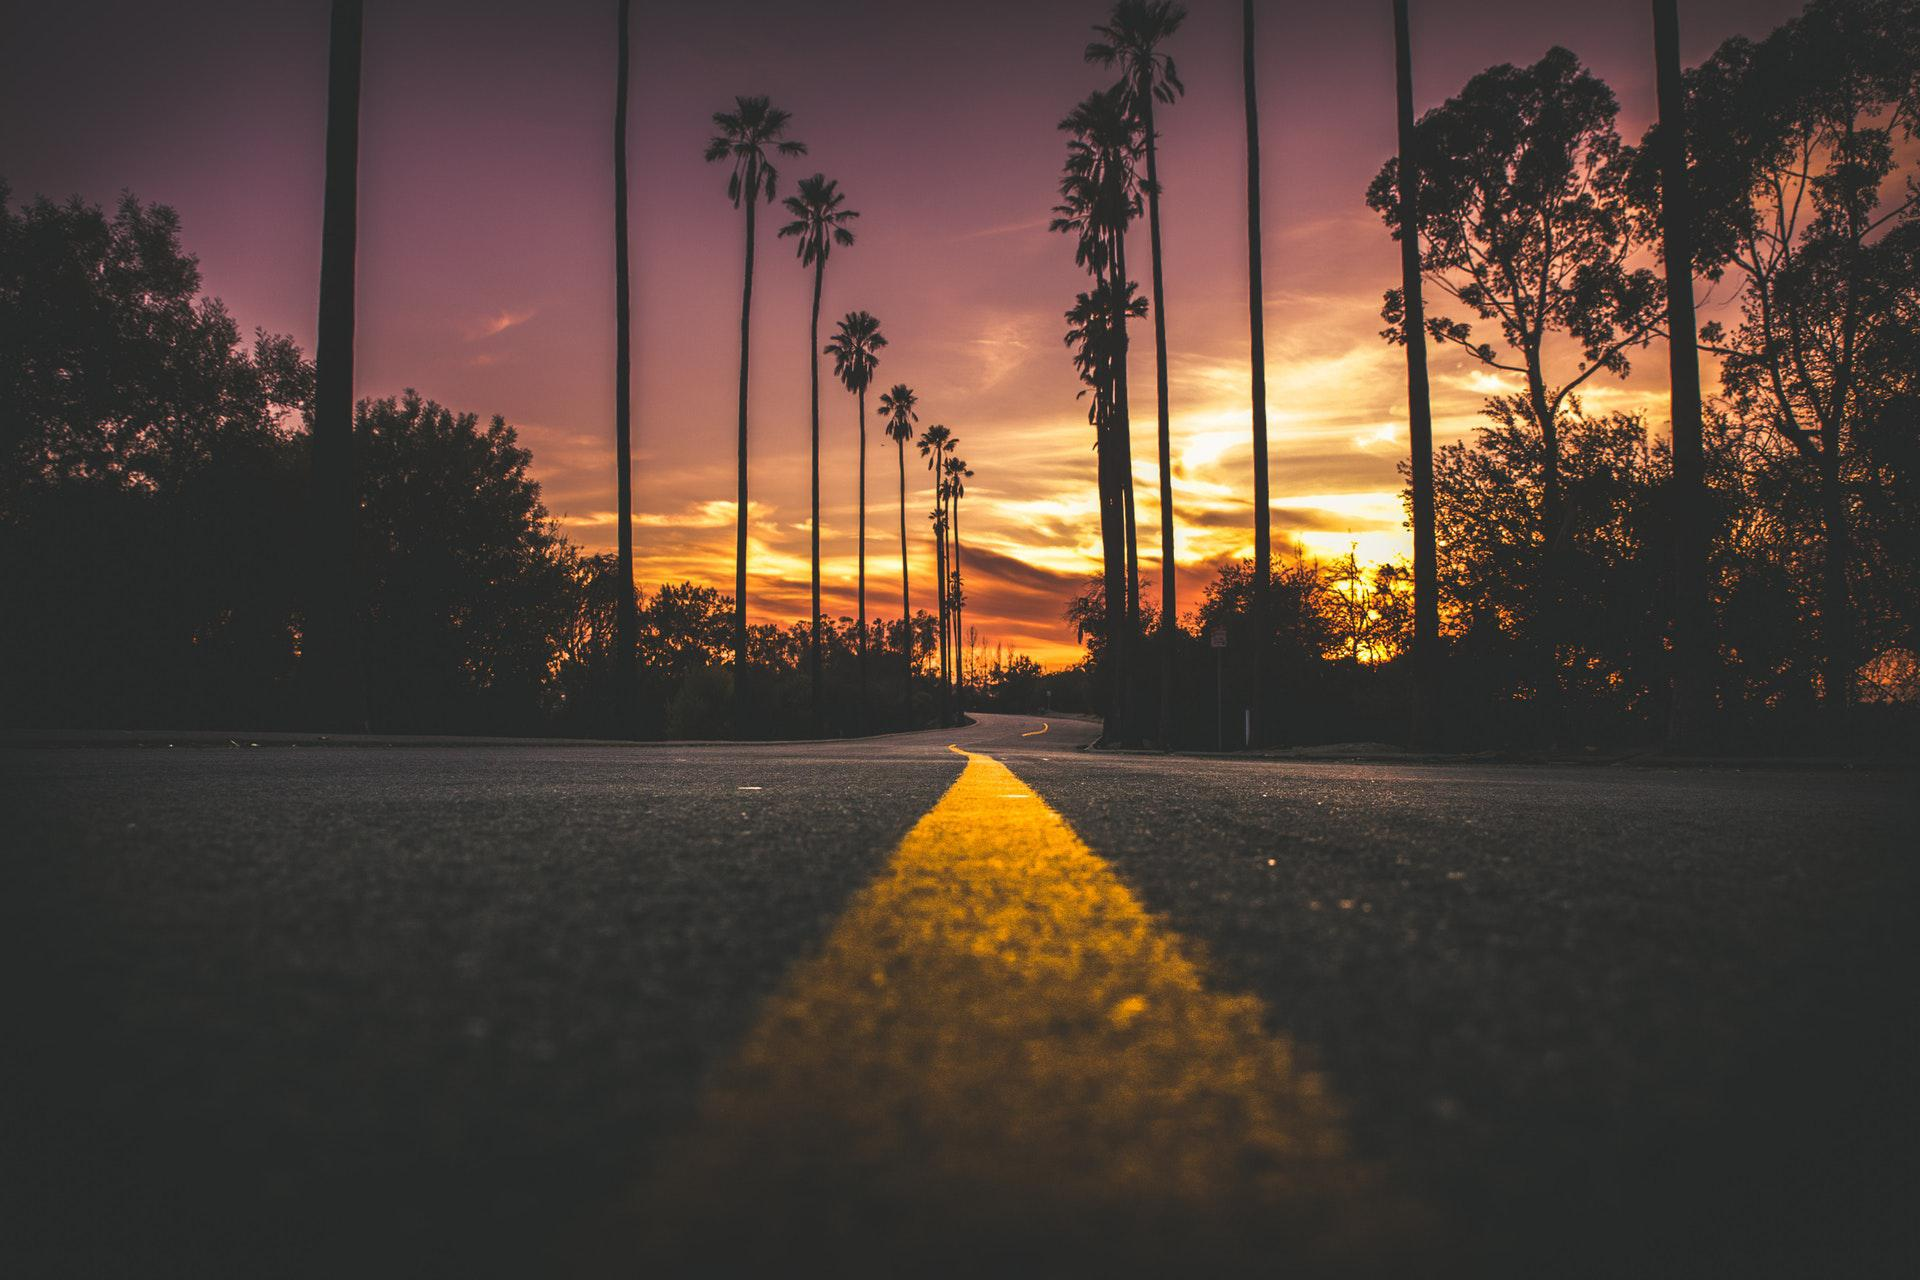 عکس زمینه جاده در شهر در هنگام غروب آفتاب پس زمینه